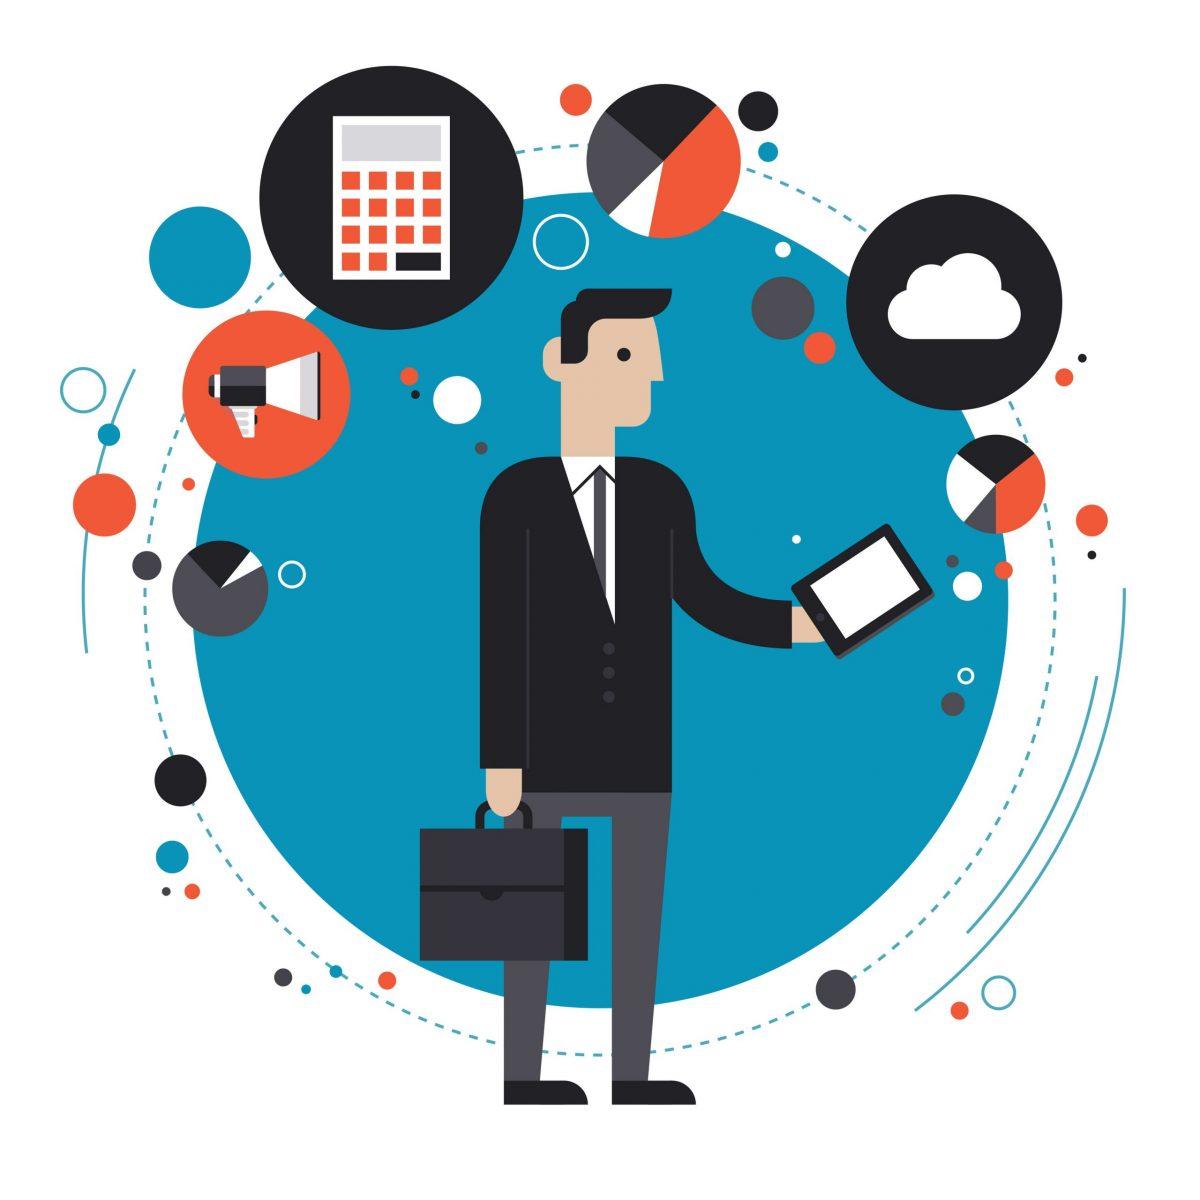 mobilidade corporativa voce sabe o que e e por que aplicala